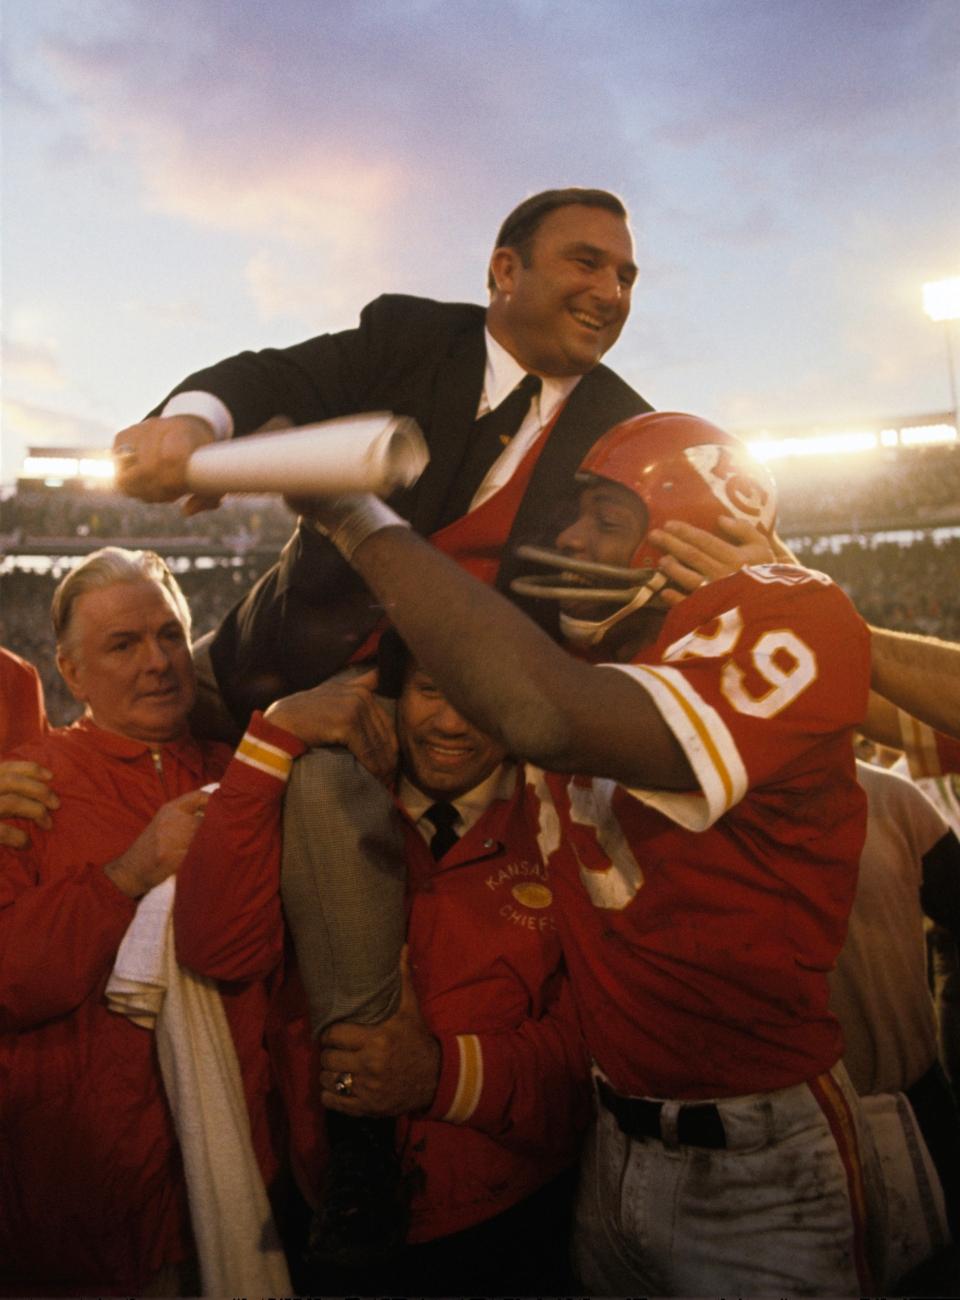 Hank Stram on Shoulders, Super Bowl IV